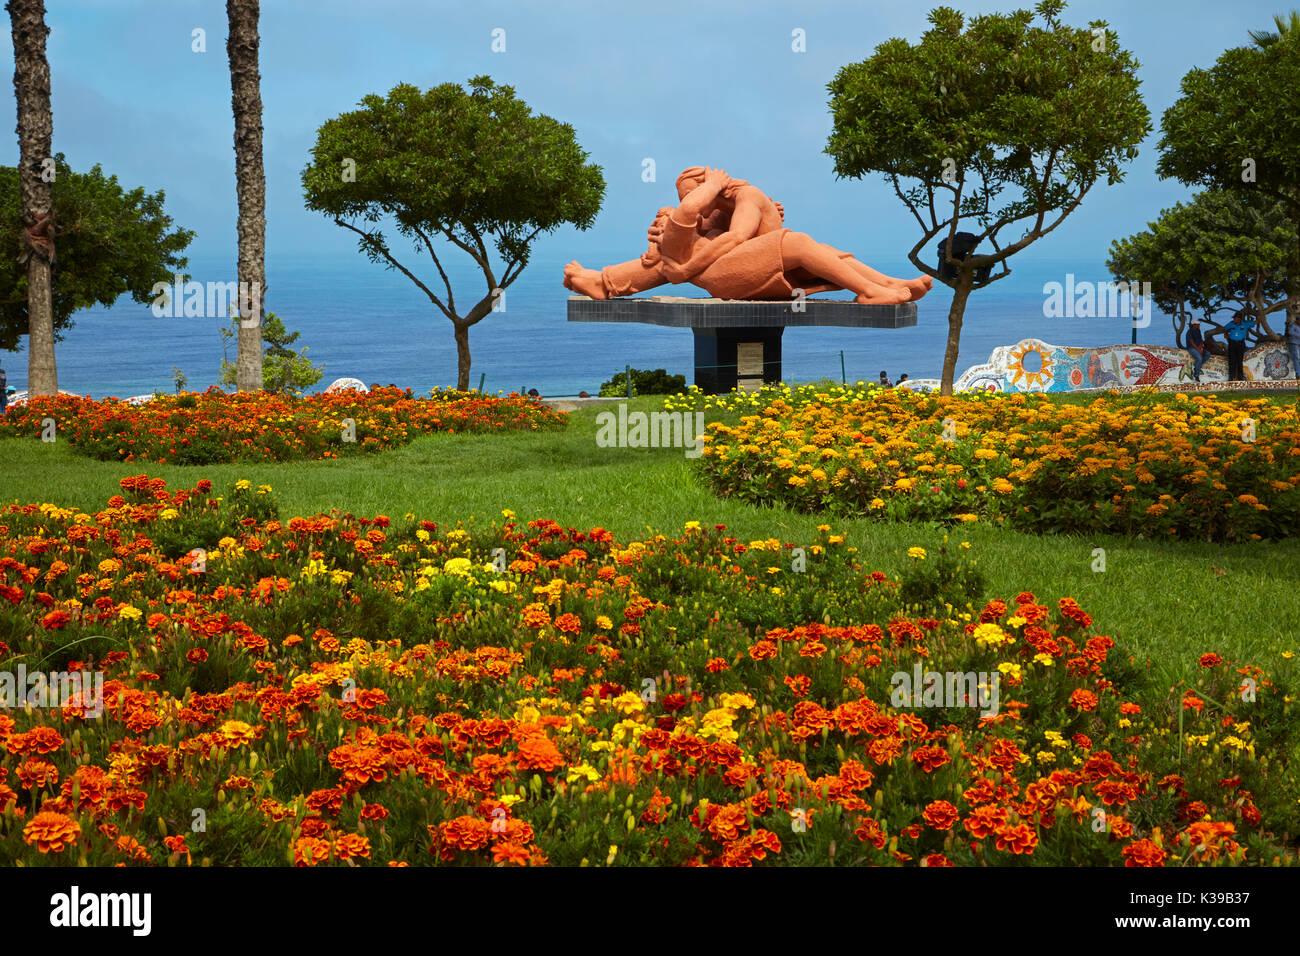 Jardín de Flores y El Beso (El beso) estatua de Victor Delfín, Parque del Amor (Parque del Amor), Miraflores, Lima, Foto de stock